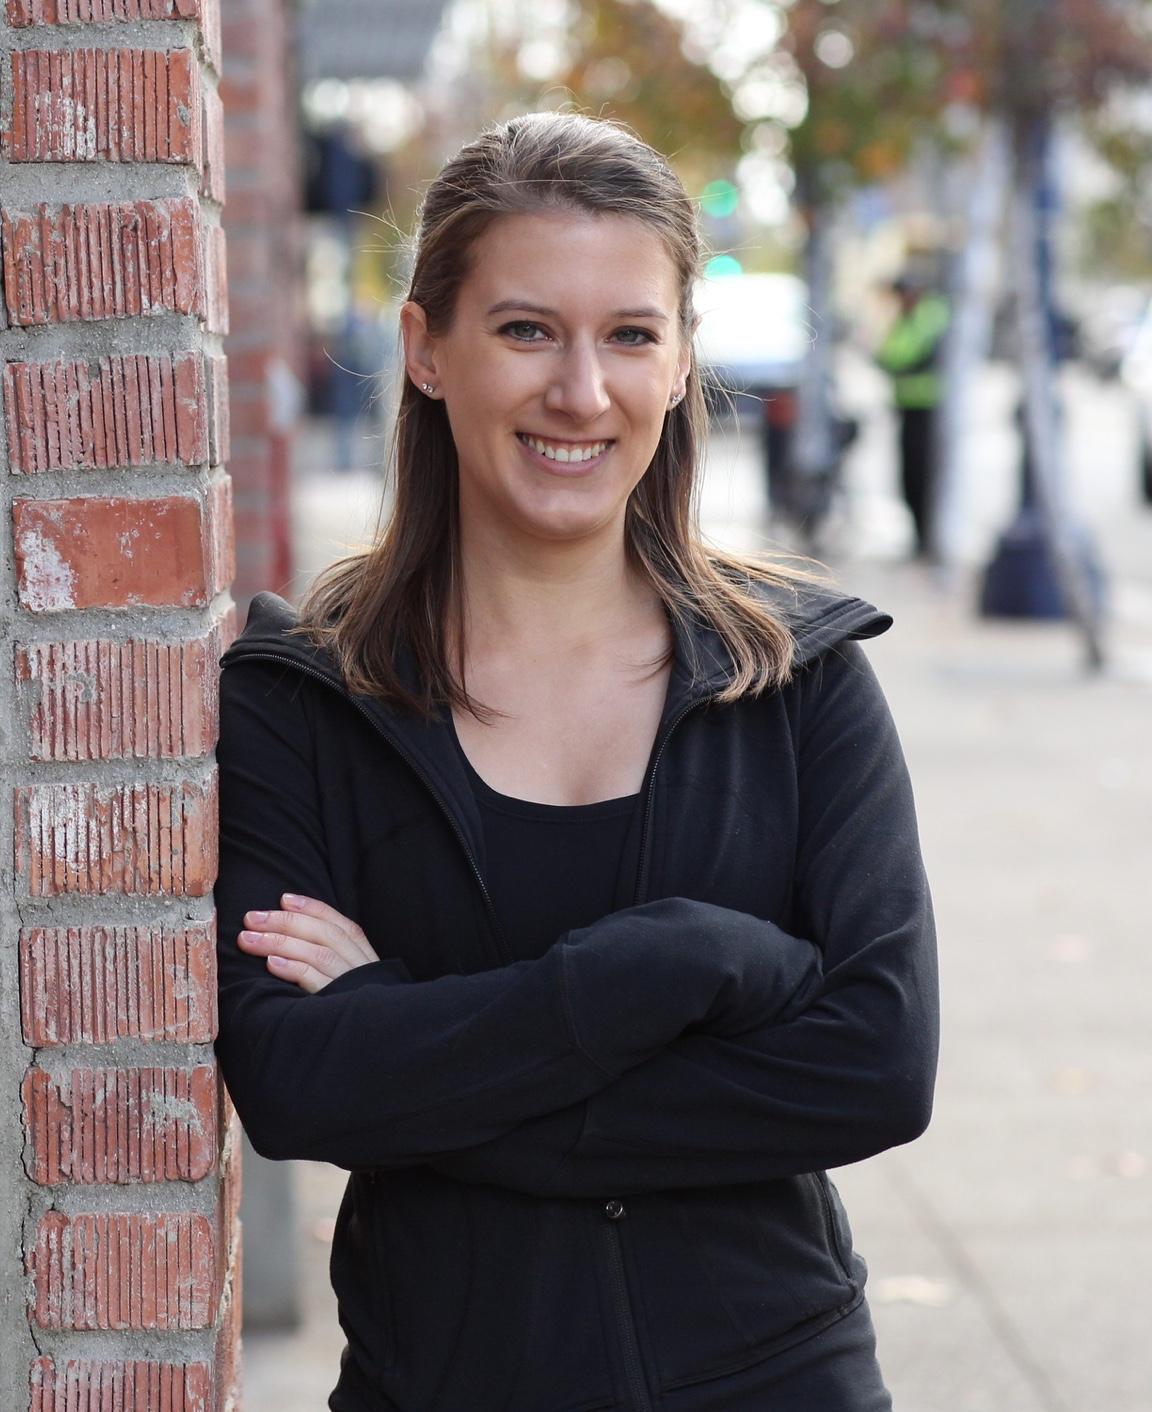 Dr. Megan Graff